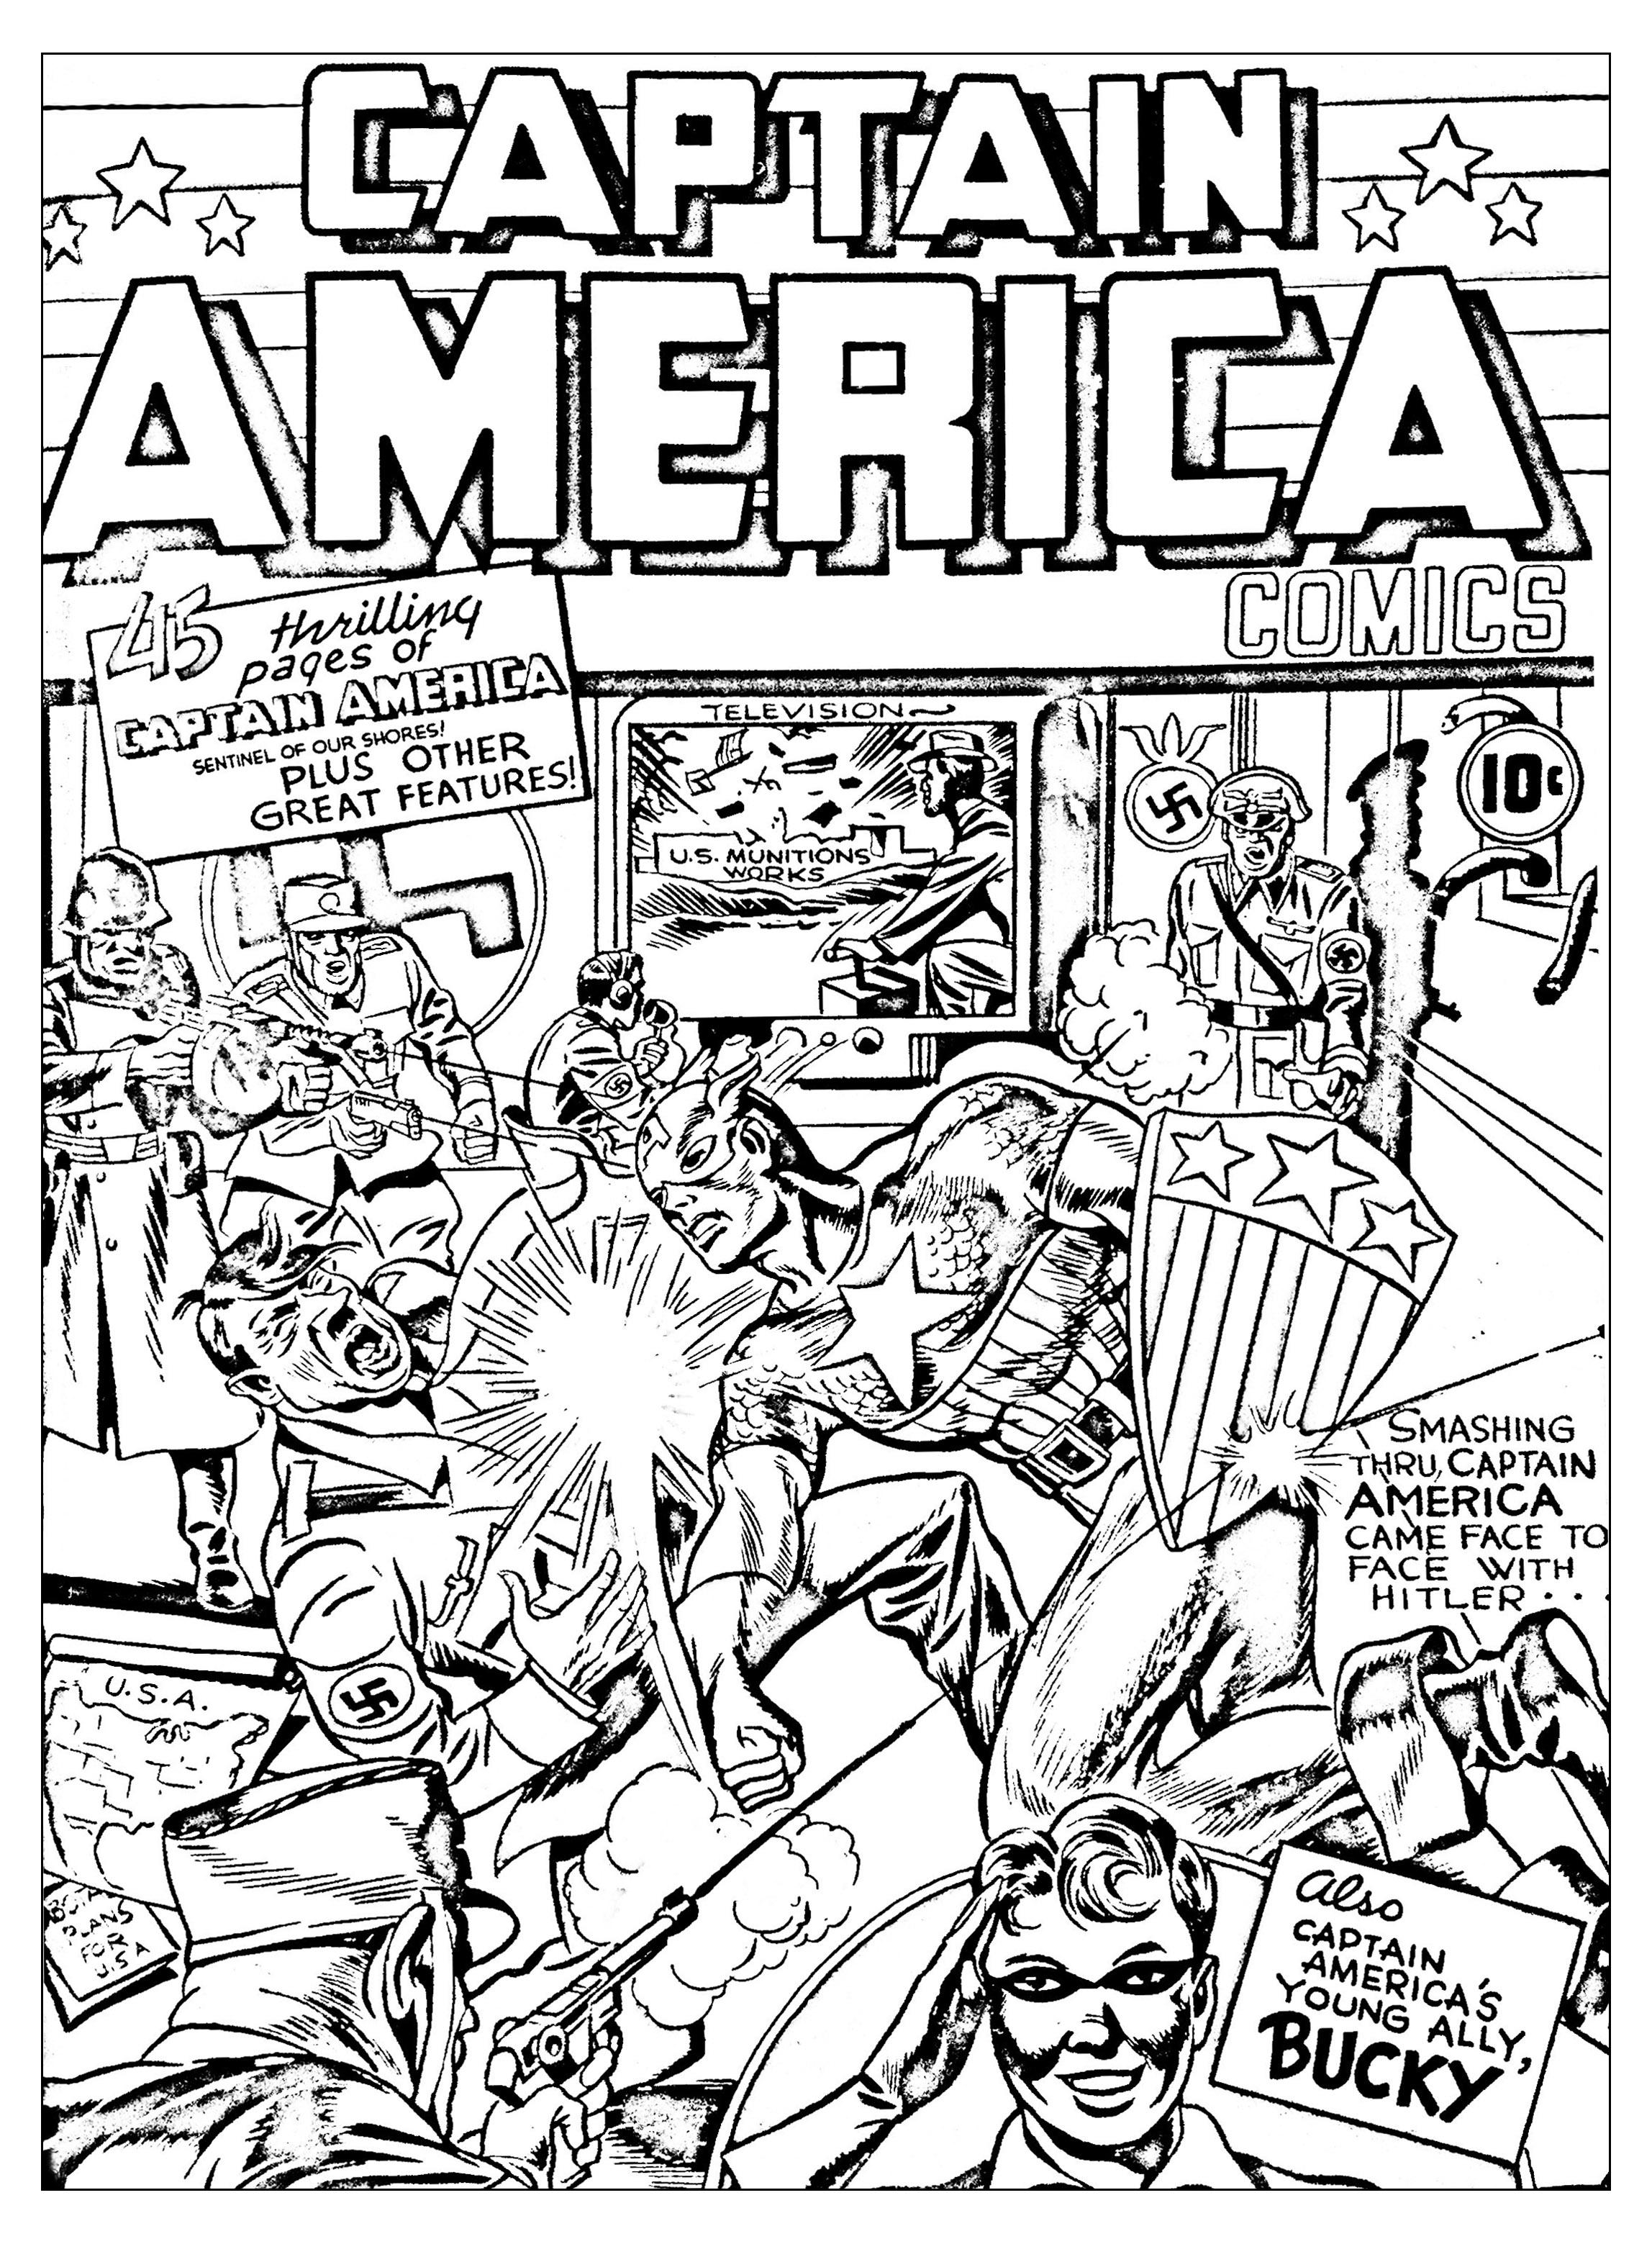 Libros y cómics - Colorear para Adultos